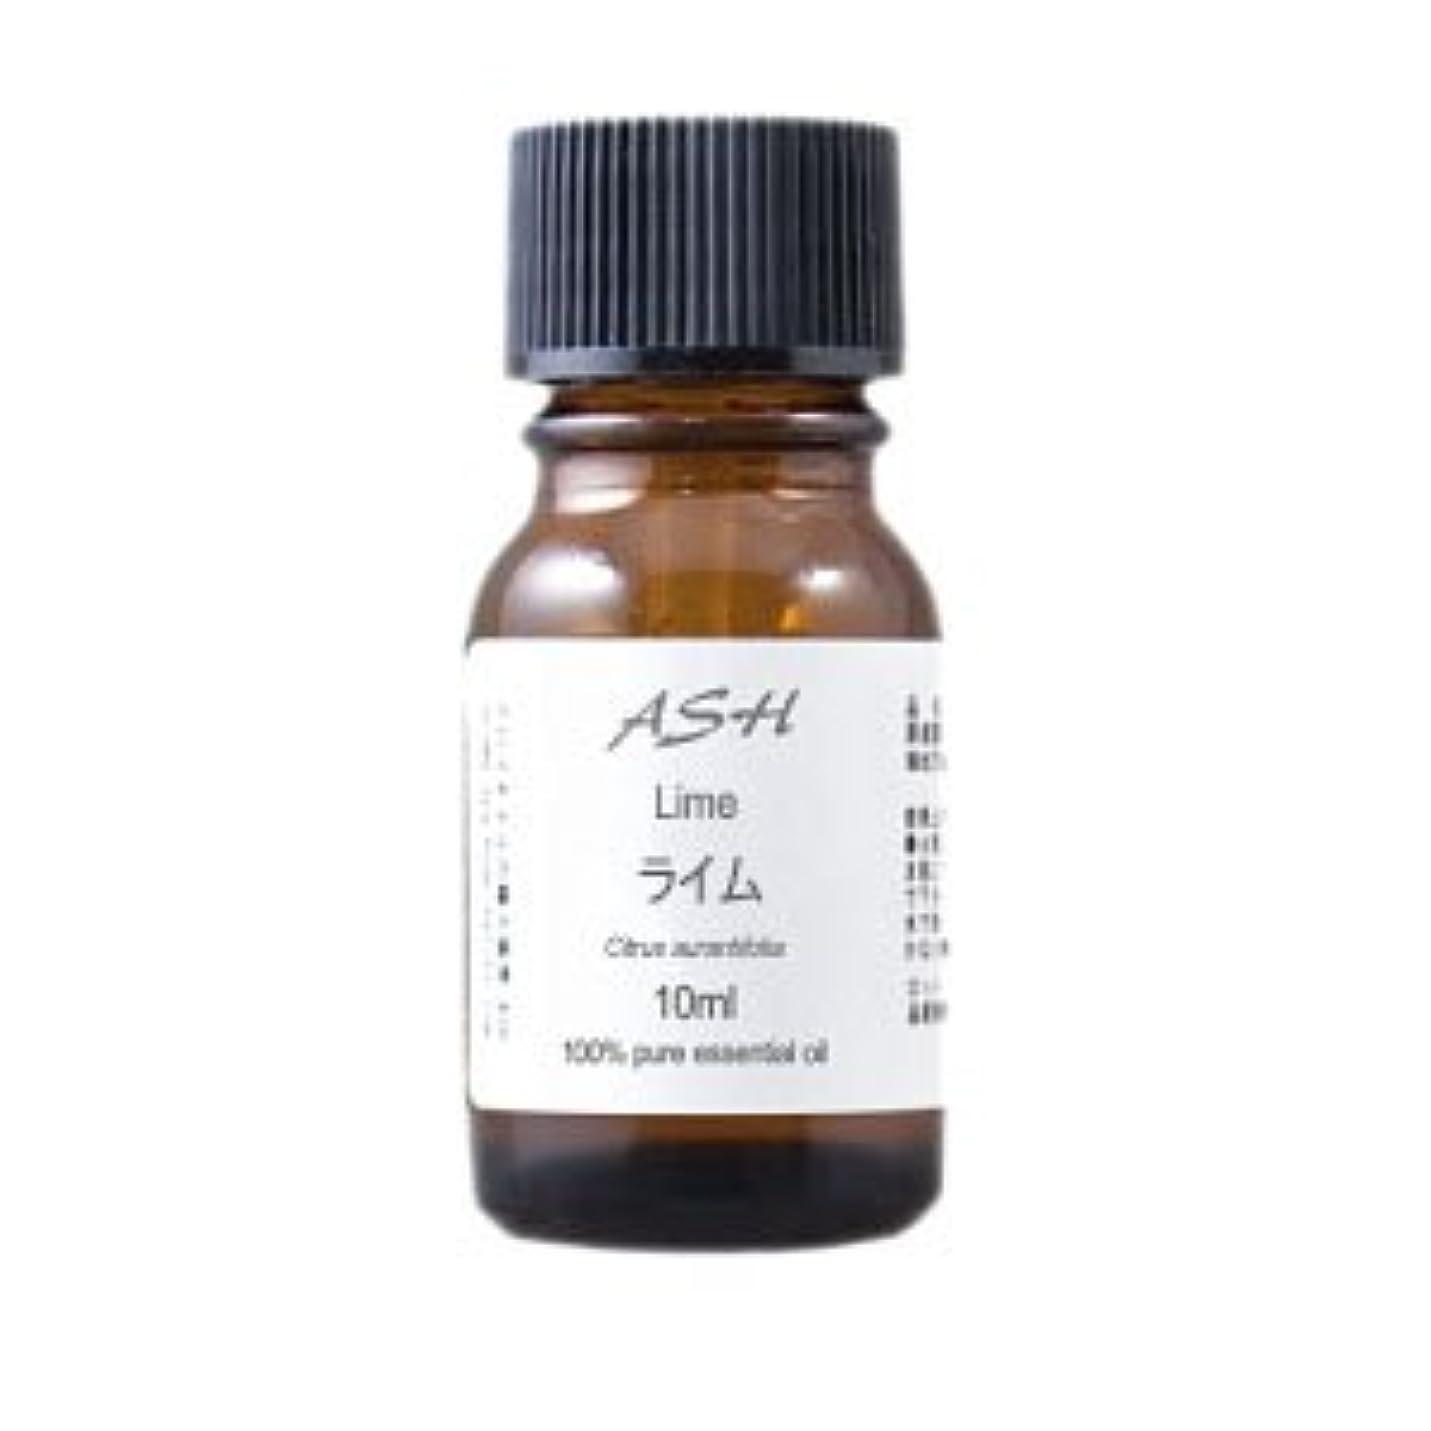 消費汚れる予言するASH ライム エッセンシャルオイル 10ml AEAJ表示基準適合認定精油